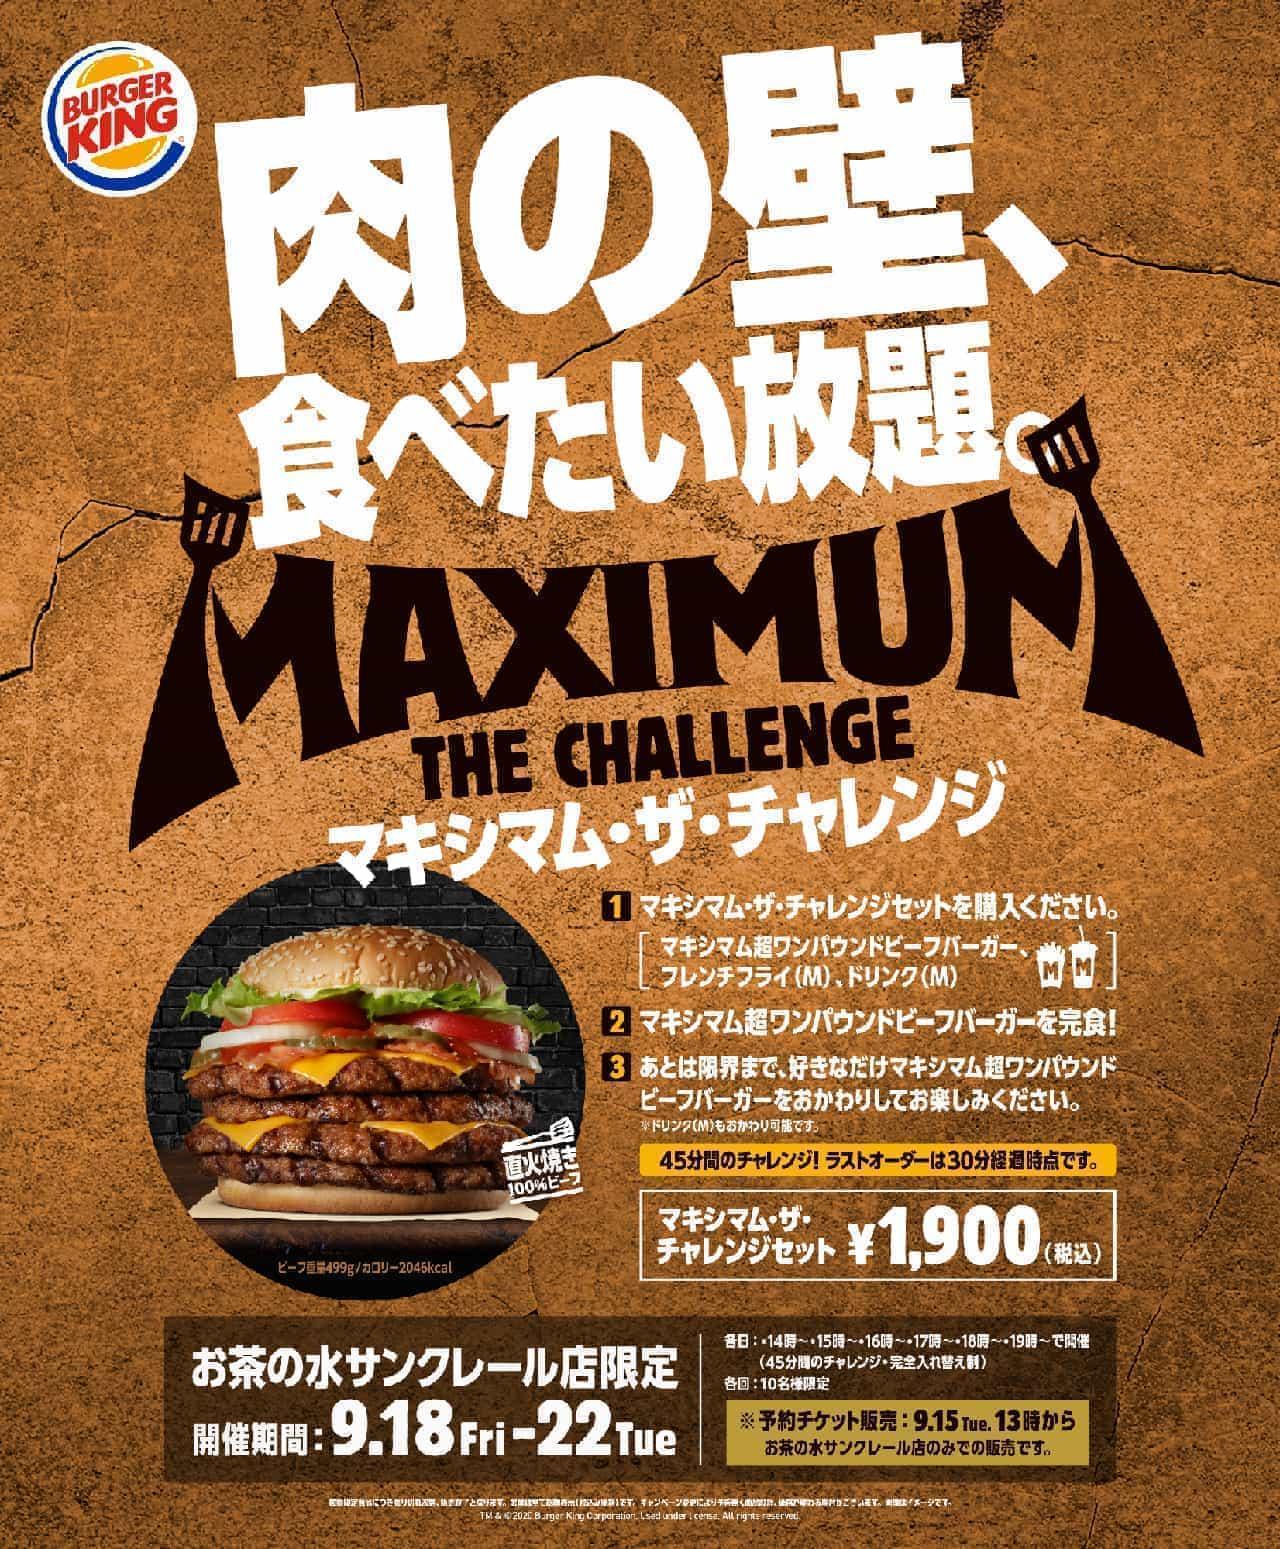 バーガーキング店舗限定「マキシマム・ザ・チャレンジ」